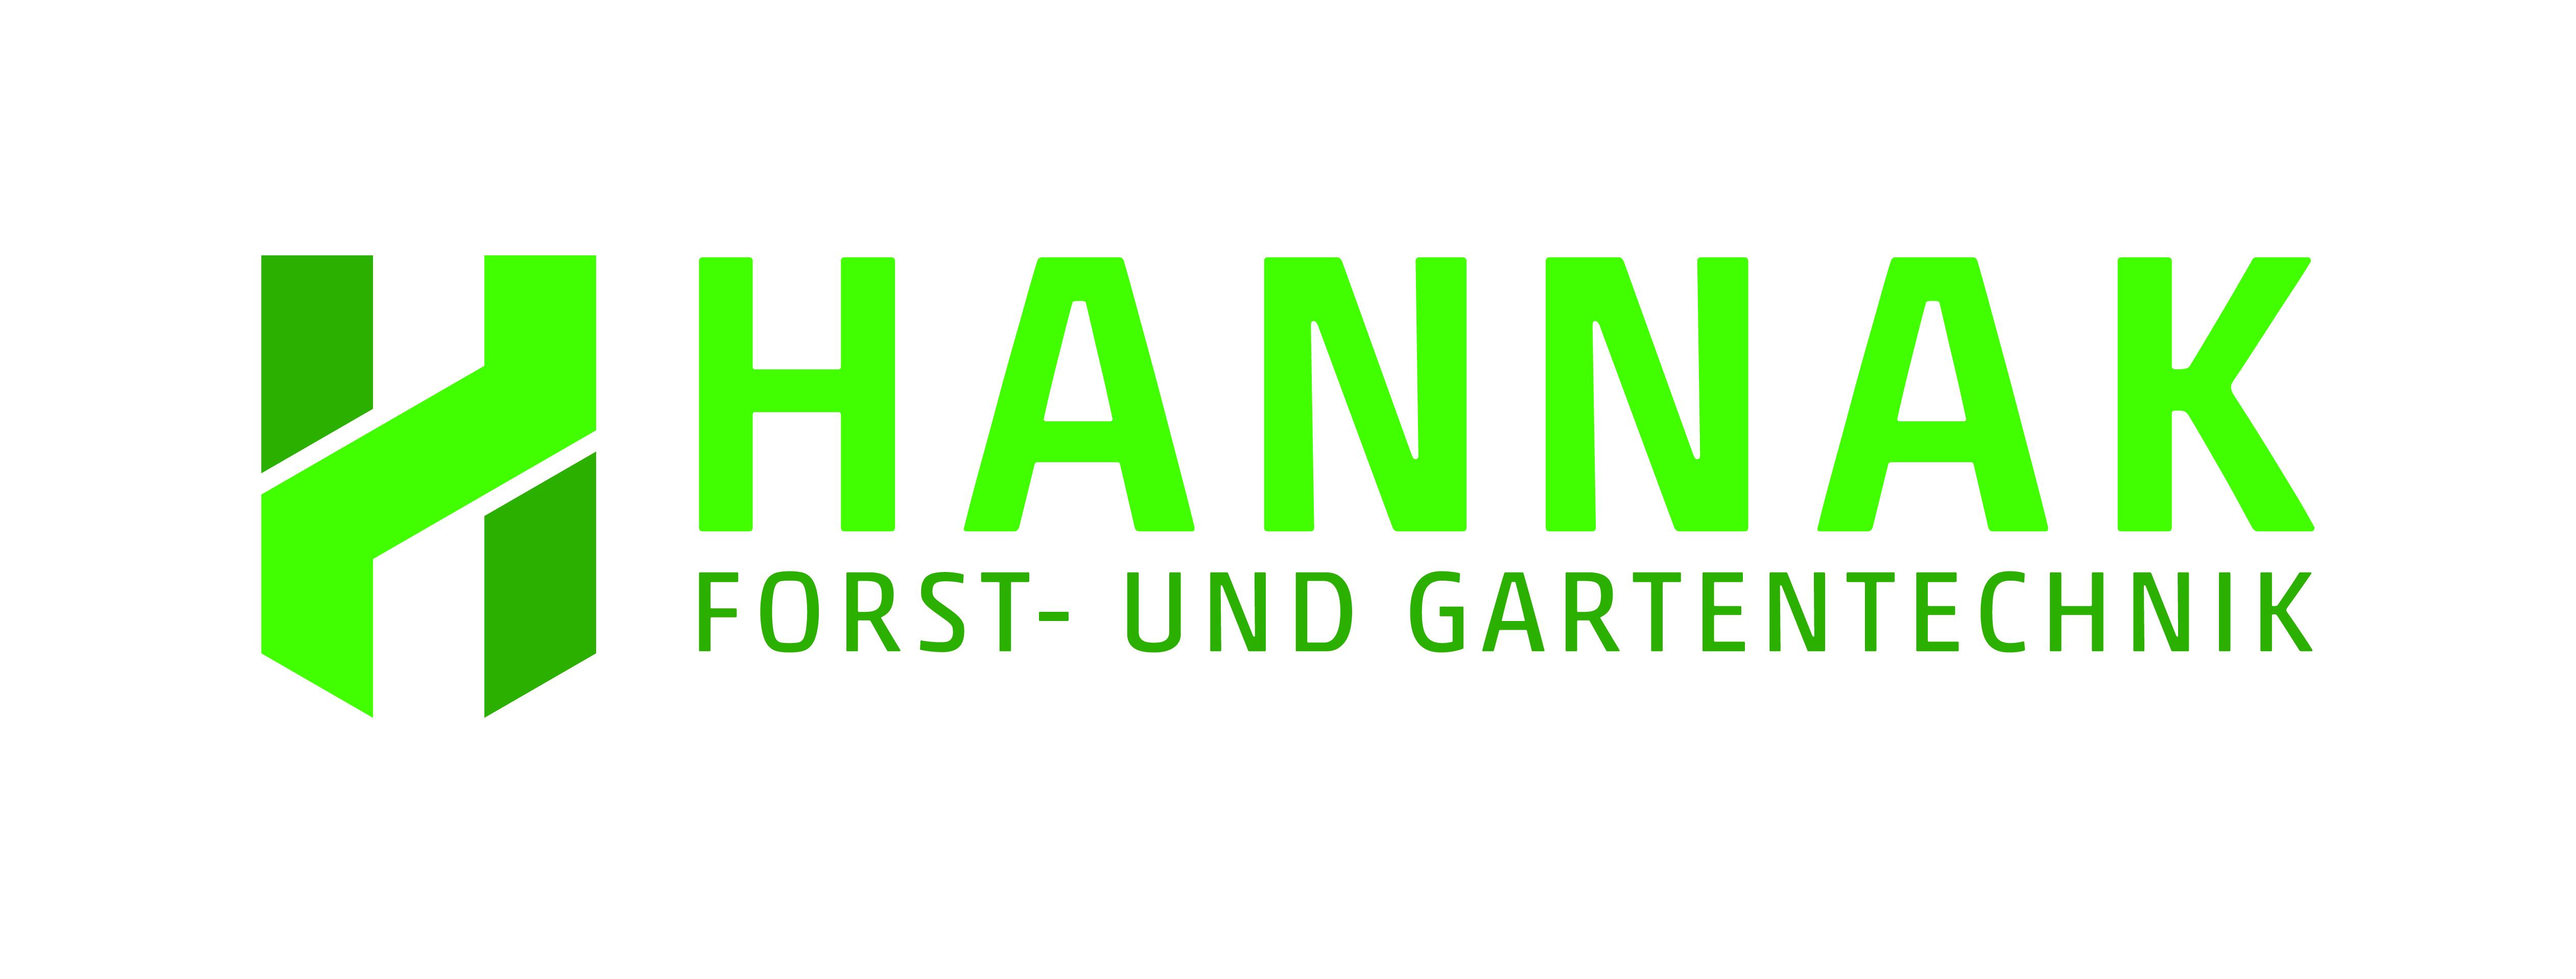 Hannak Forst- und Gartentechnik